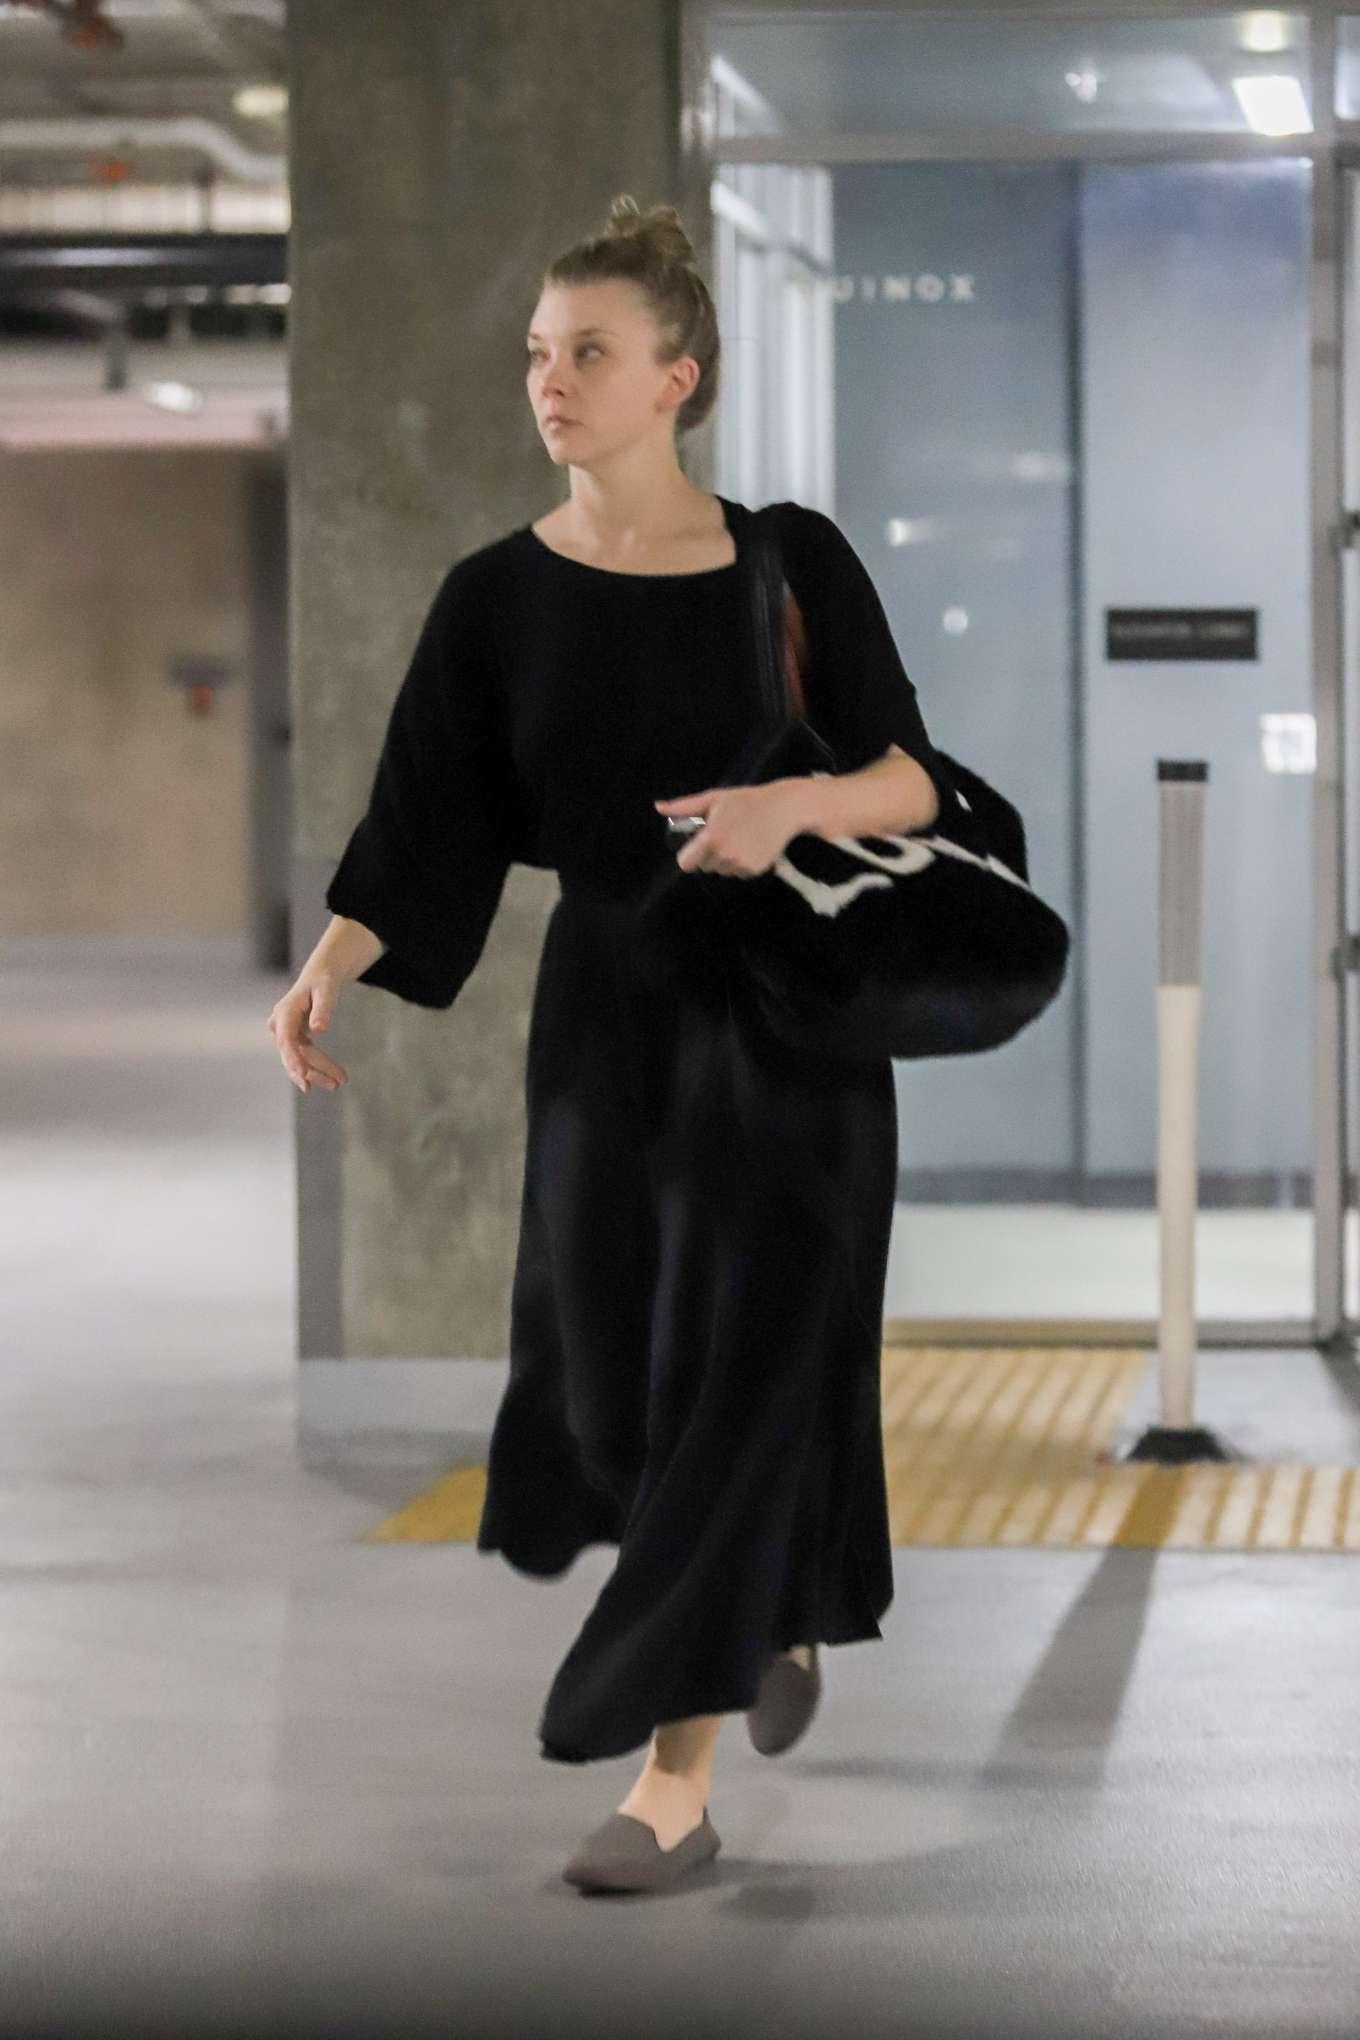 Natalie Dormer 2019 : Natalie Dormer in Black Long Dress-10